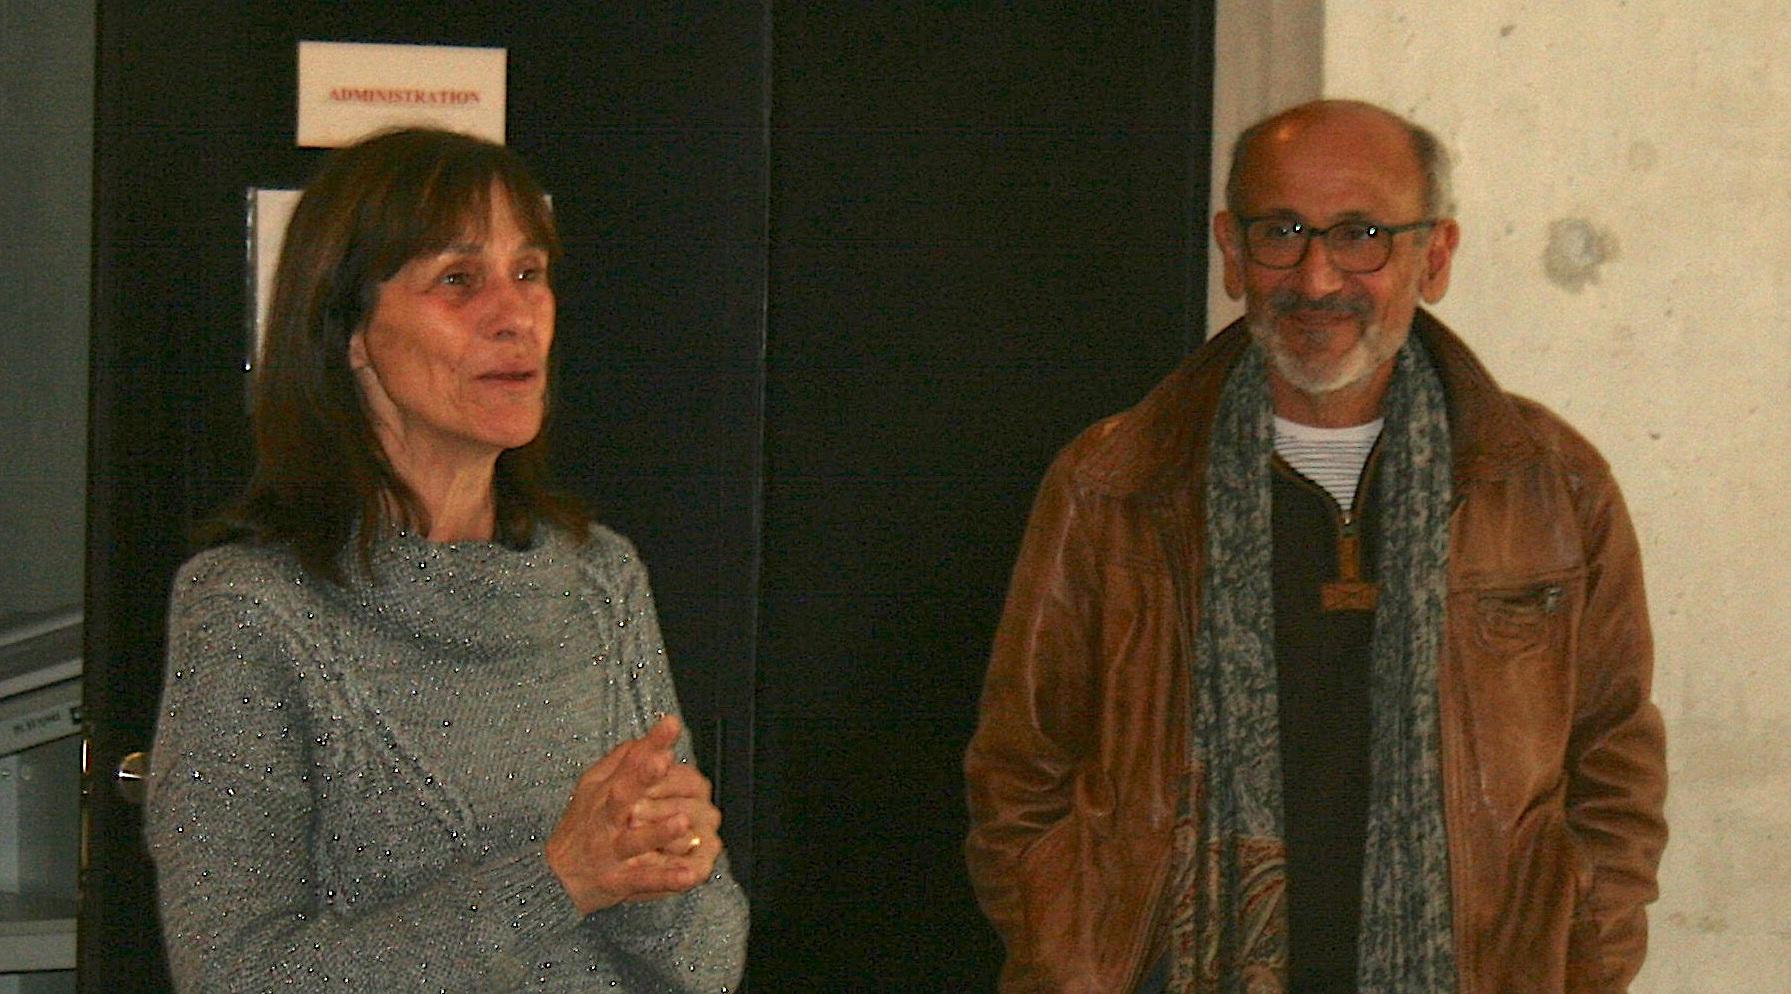 La conservatrice du musée, Janine de Lanfranch